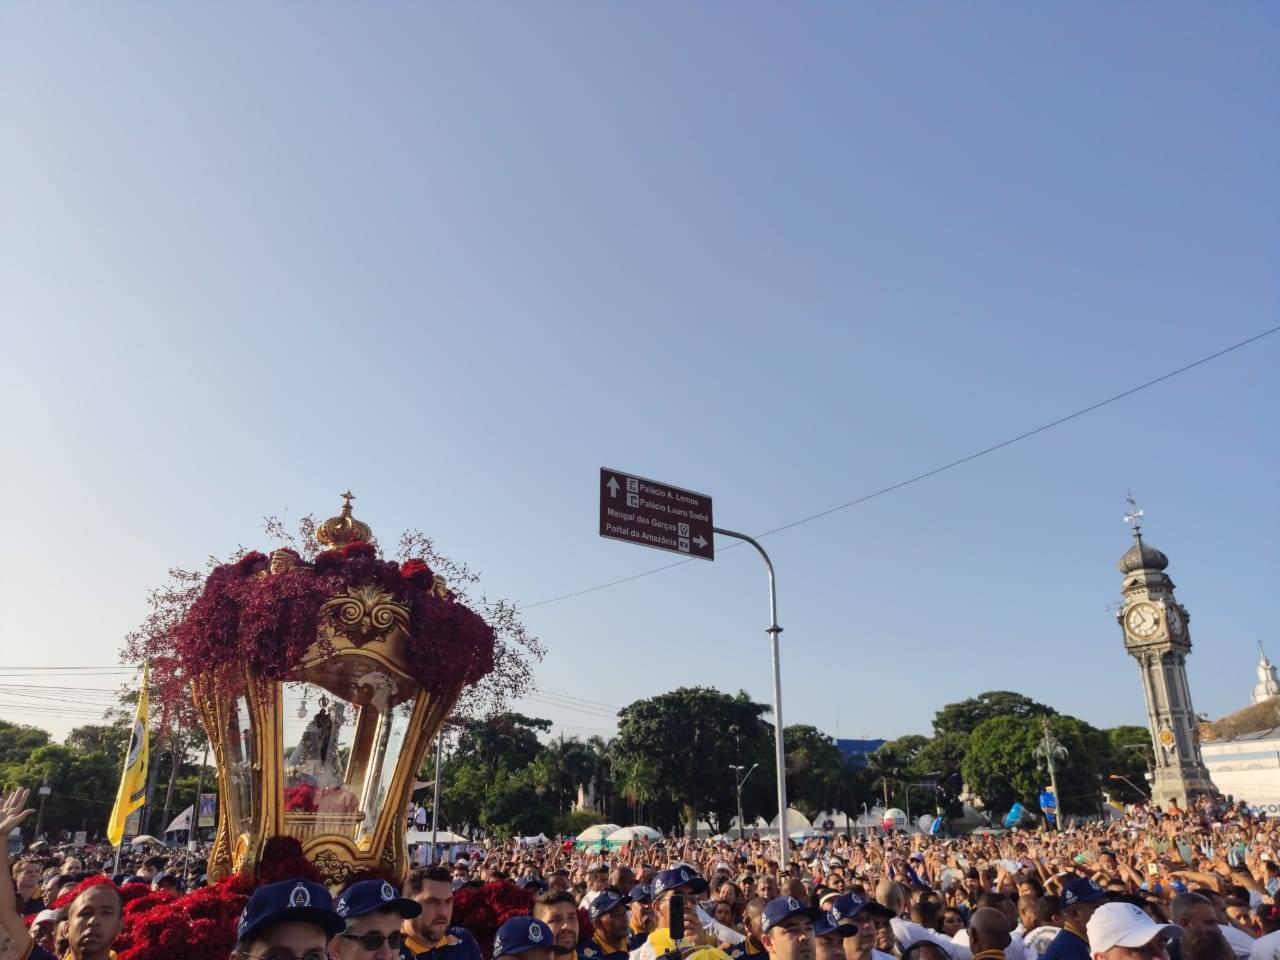 Praça do Relógio - Procissão vai pela Rua Boulevard Castilho França, Avenida Presidente Vargas, Avenida Nazaré, terminando na Praça Santuário.